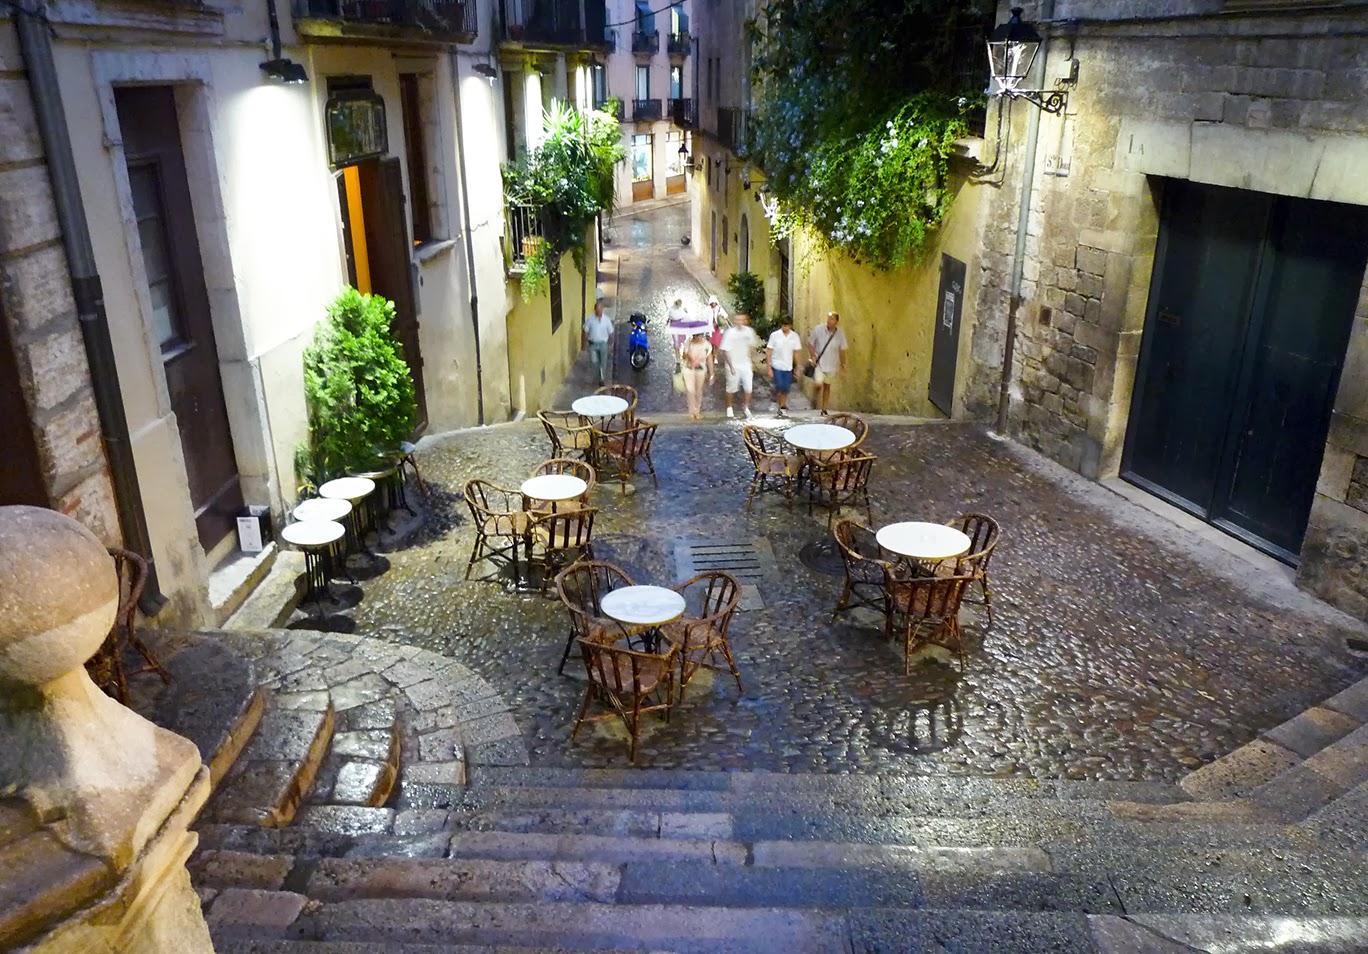 Girona una ciudad con mucho encanto dosmaletas - Casco antiguo de girona ...